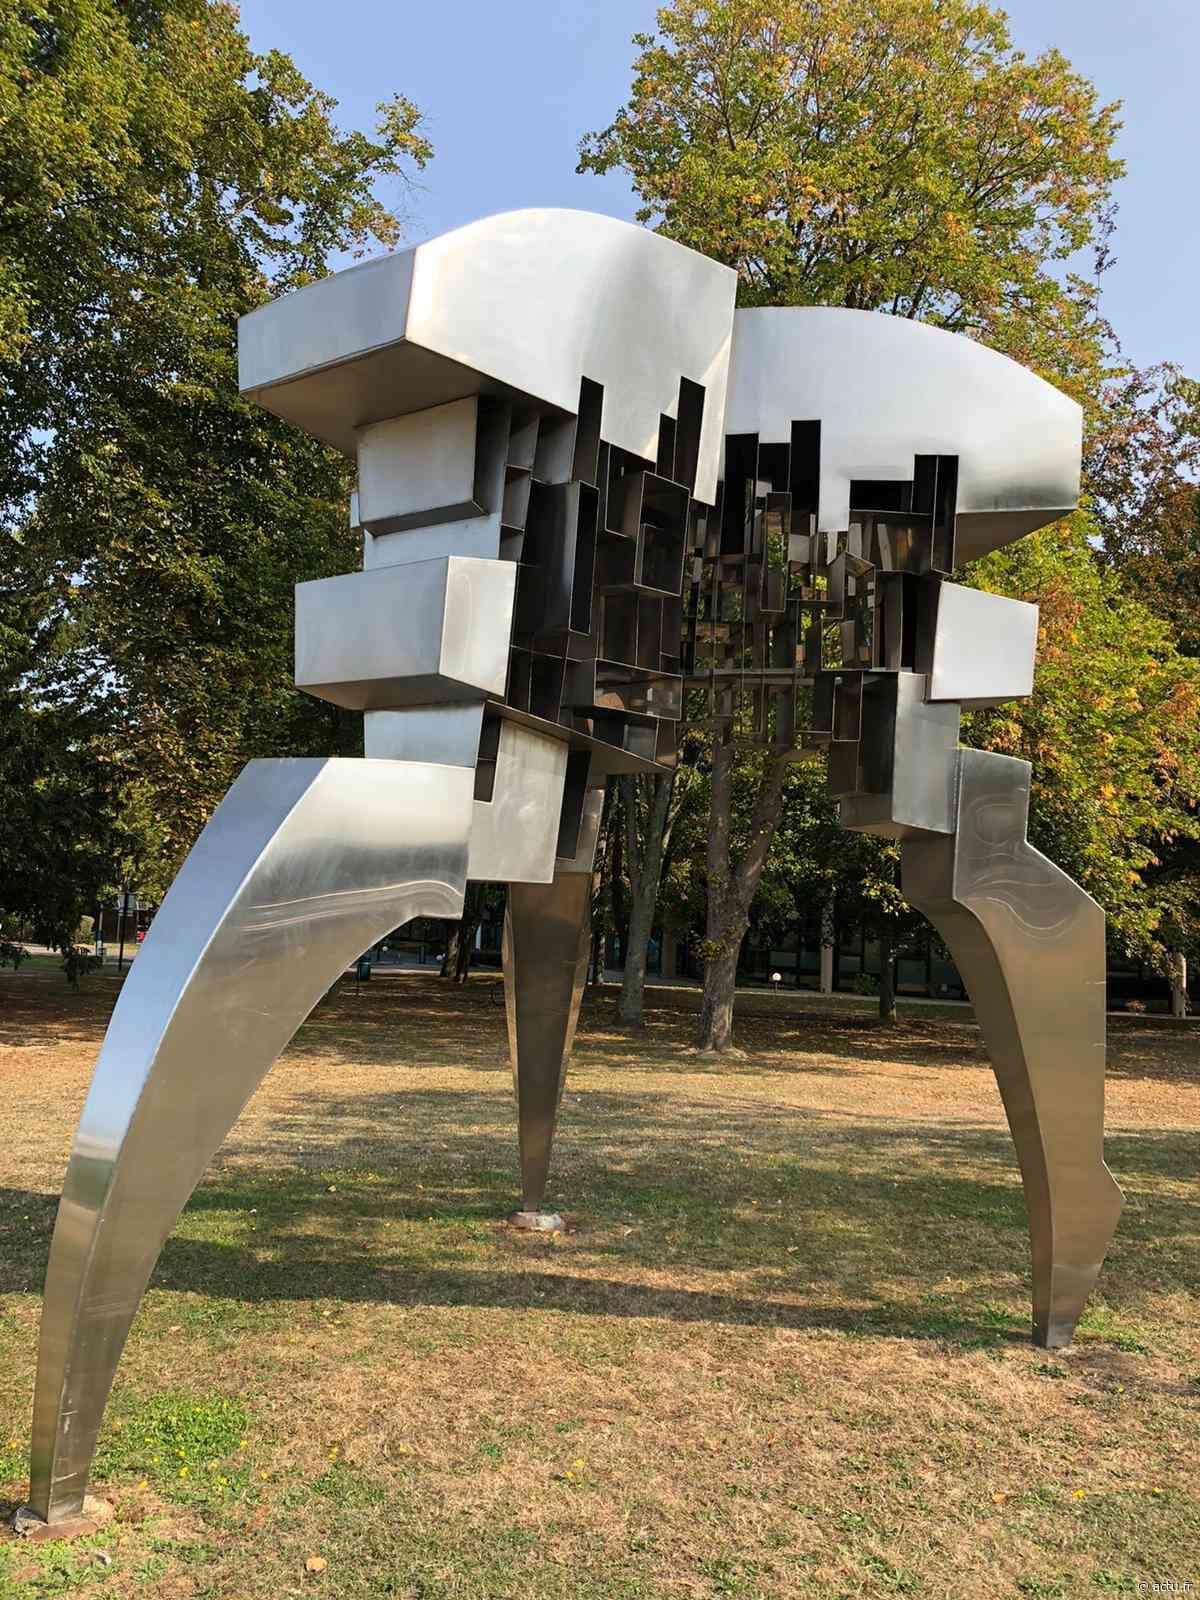 Yvelines. Guyancourt/Montigny-le-Bretonneux : trois sculptures remises en état - actu.fr